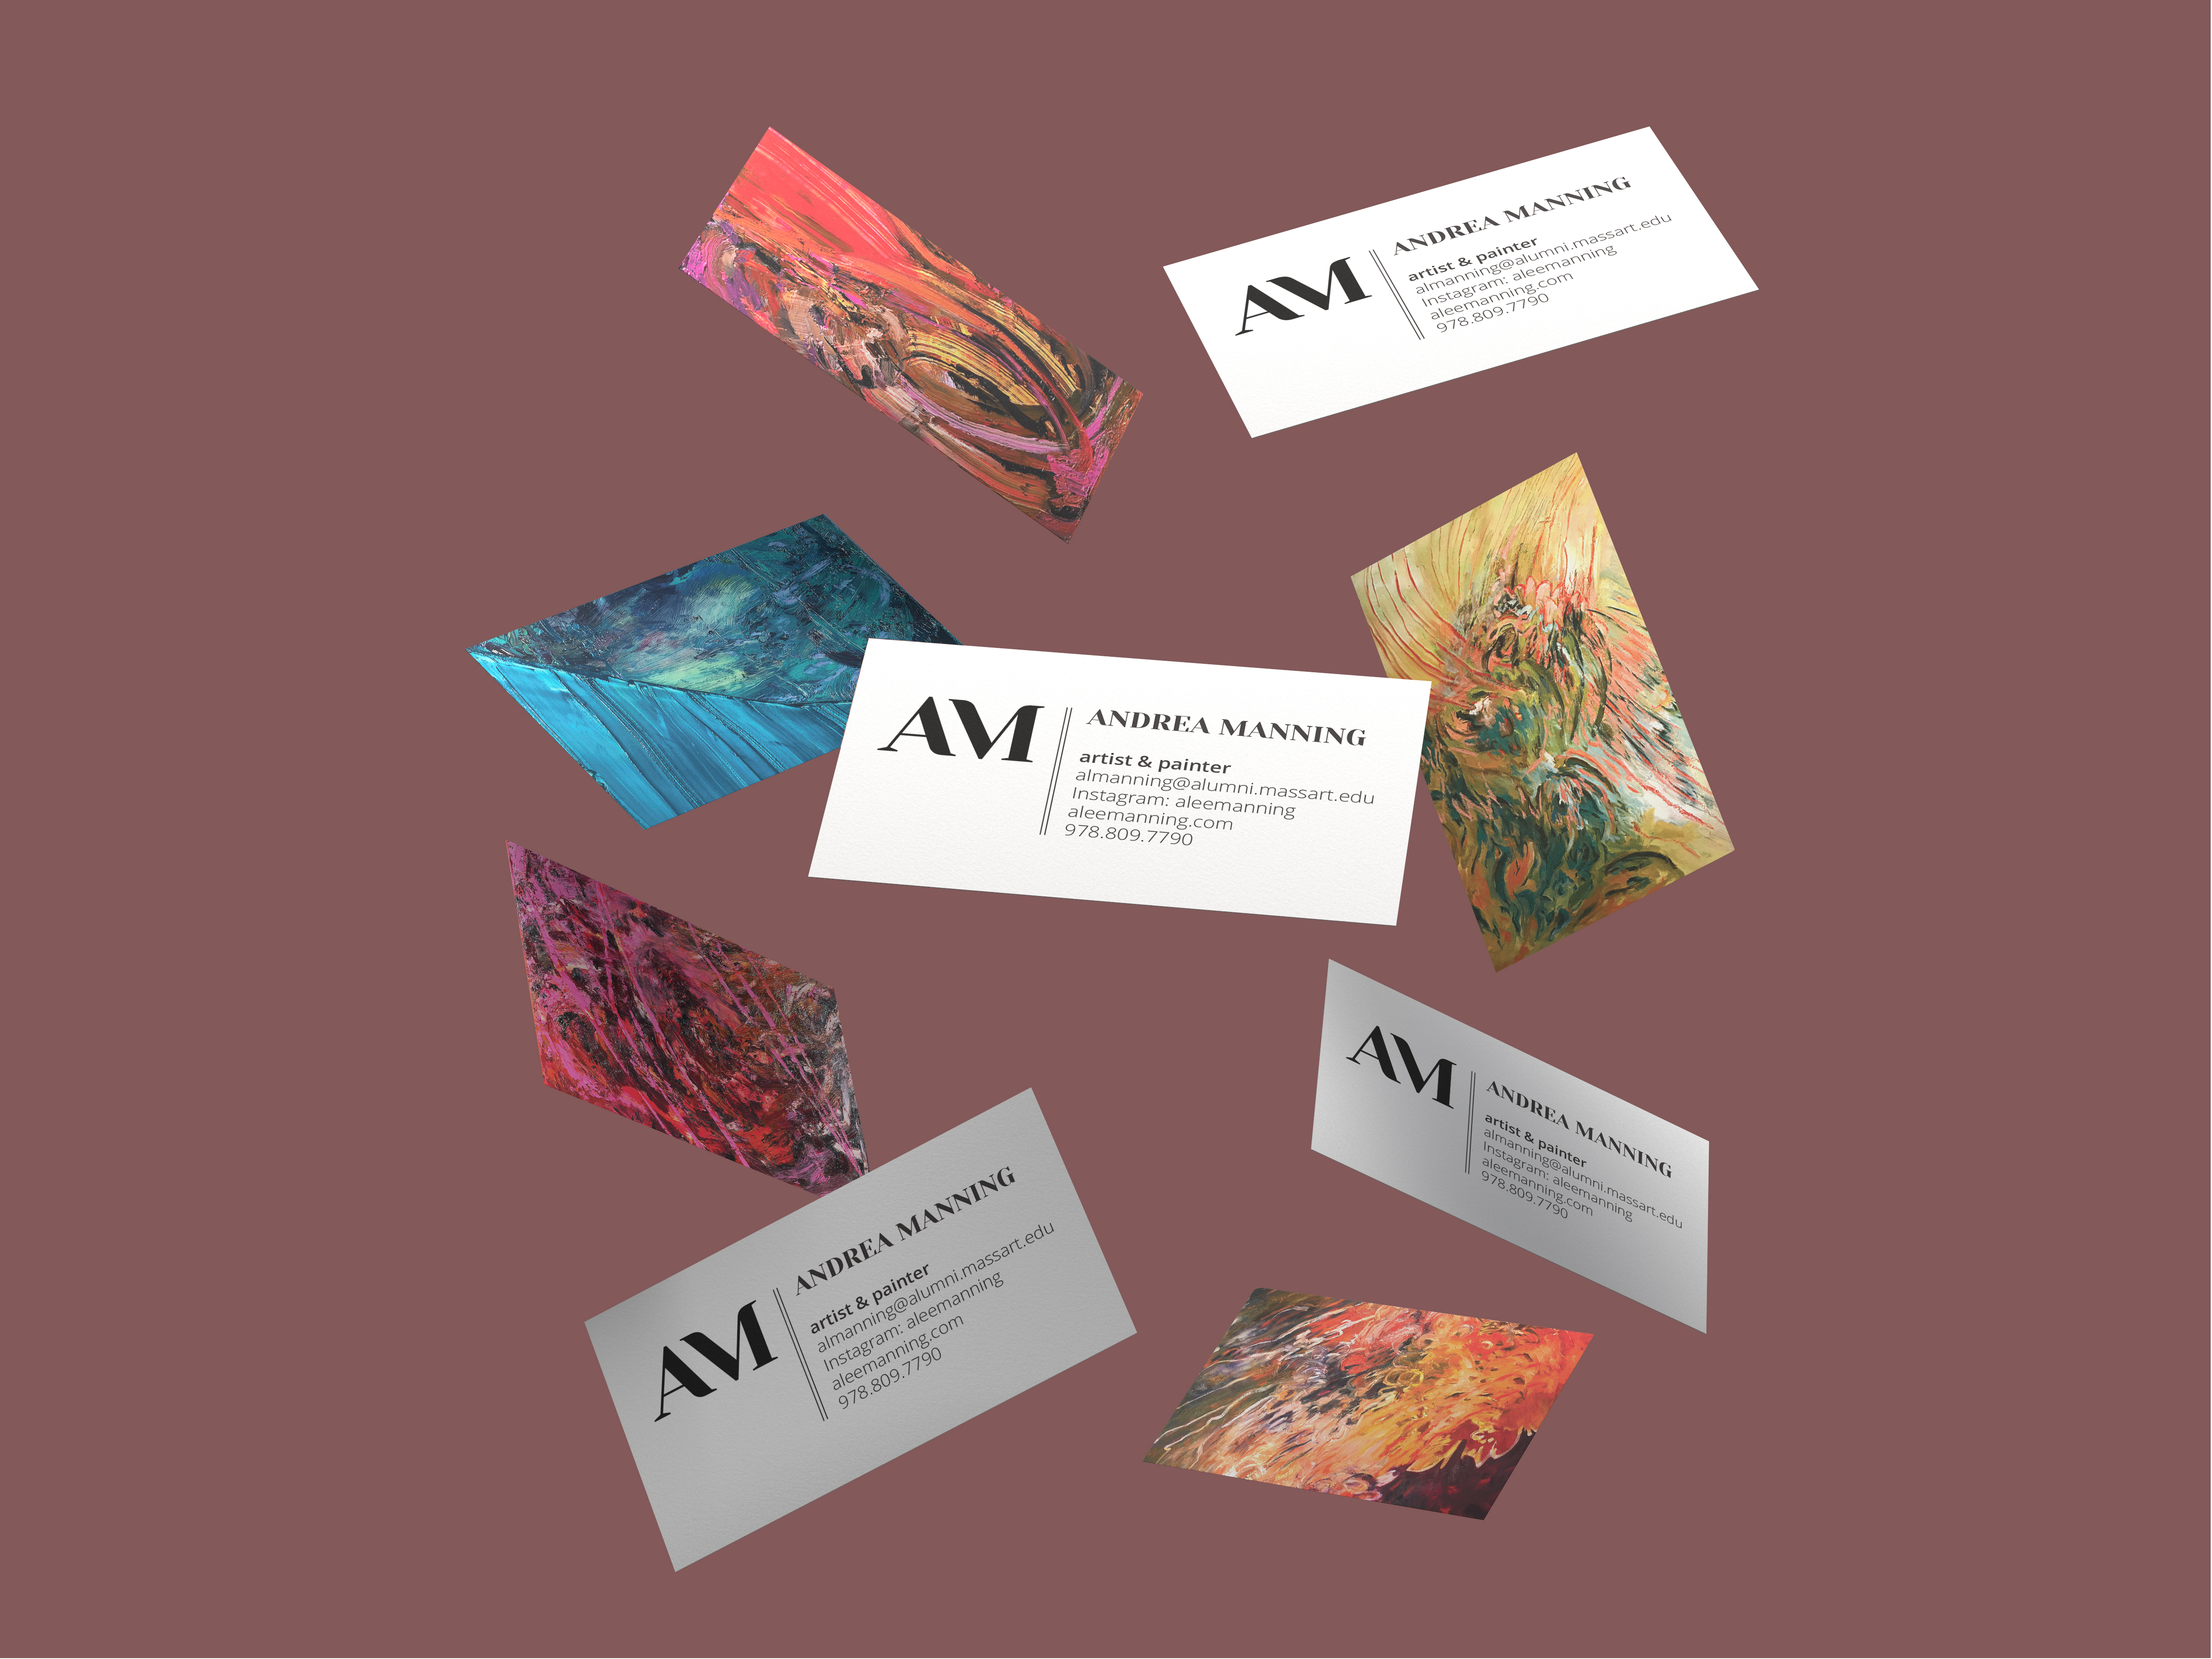 Andrea Manning Artist Branding